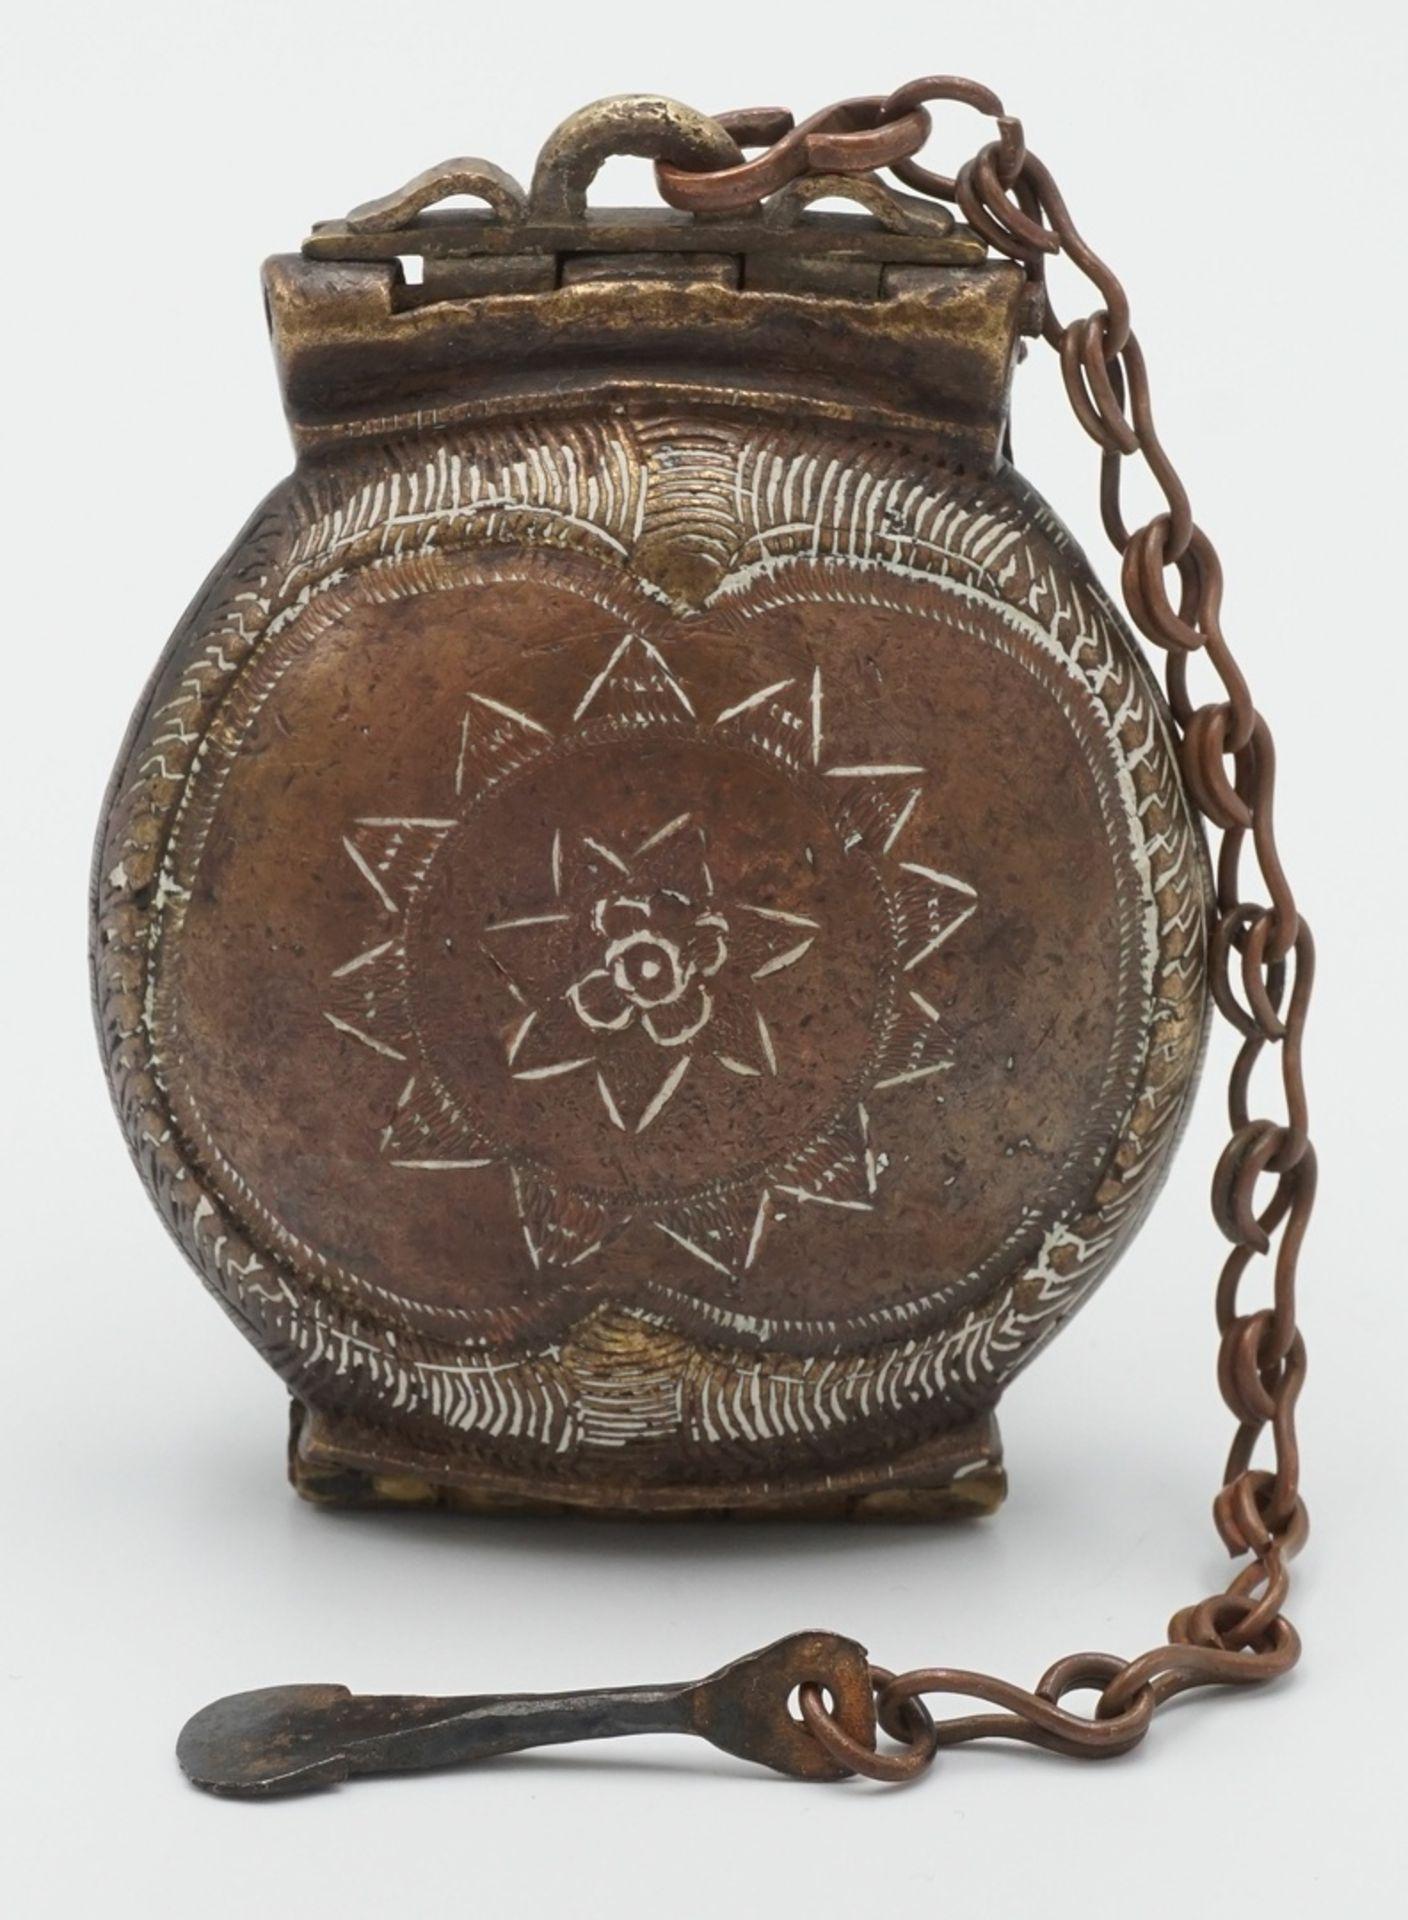 Liturgisches Gefäß / Deckeldose mit Spatel, Tibet, 19. Jh. - Bild 2 aus 4